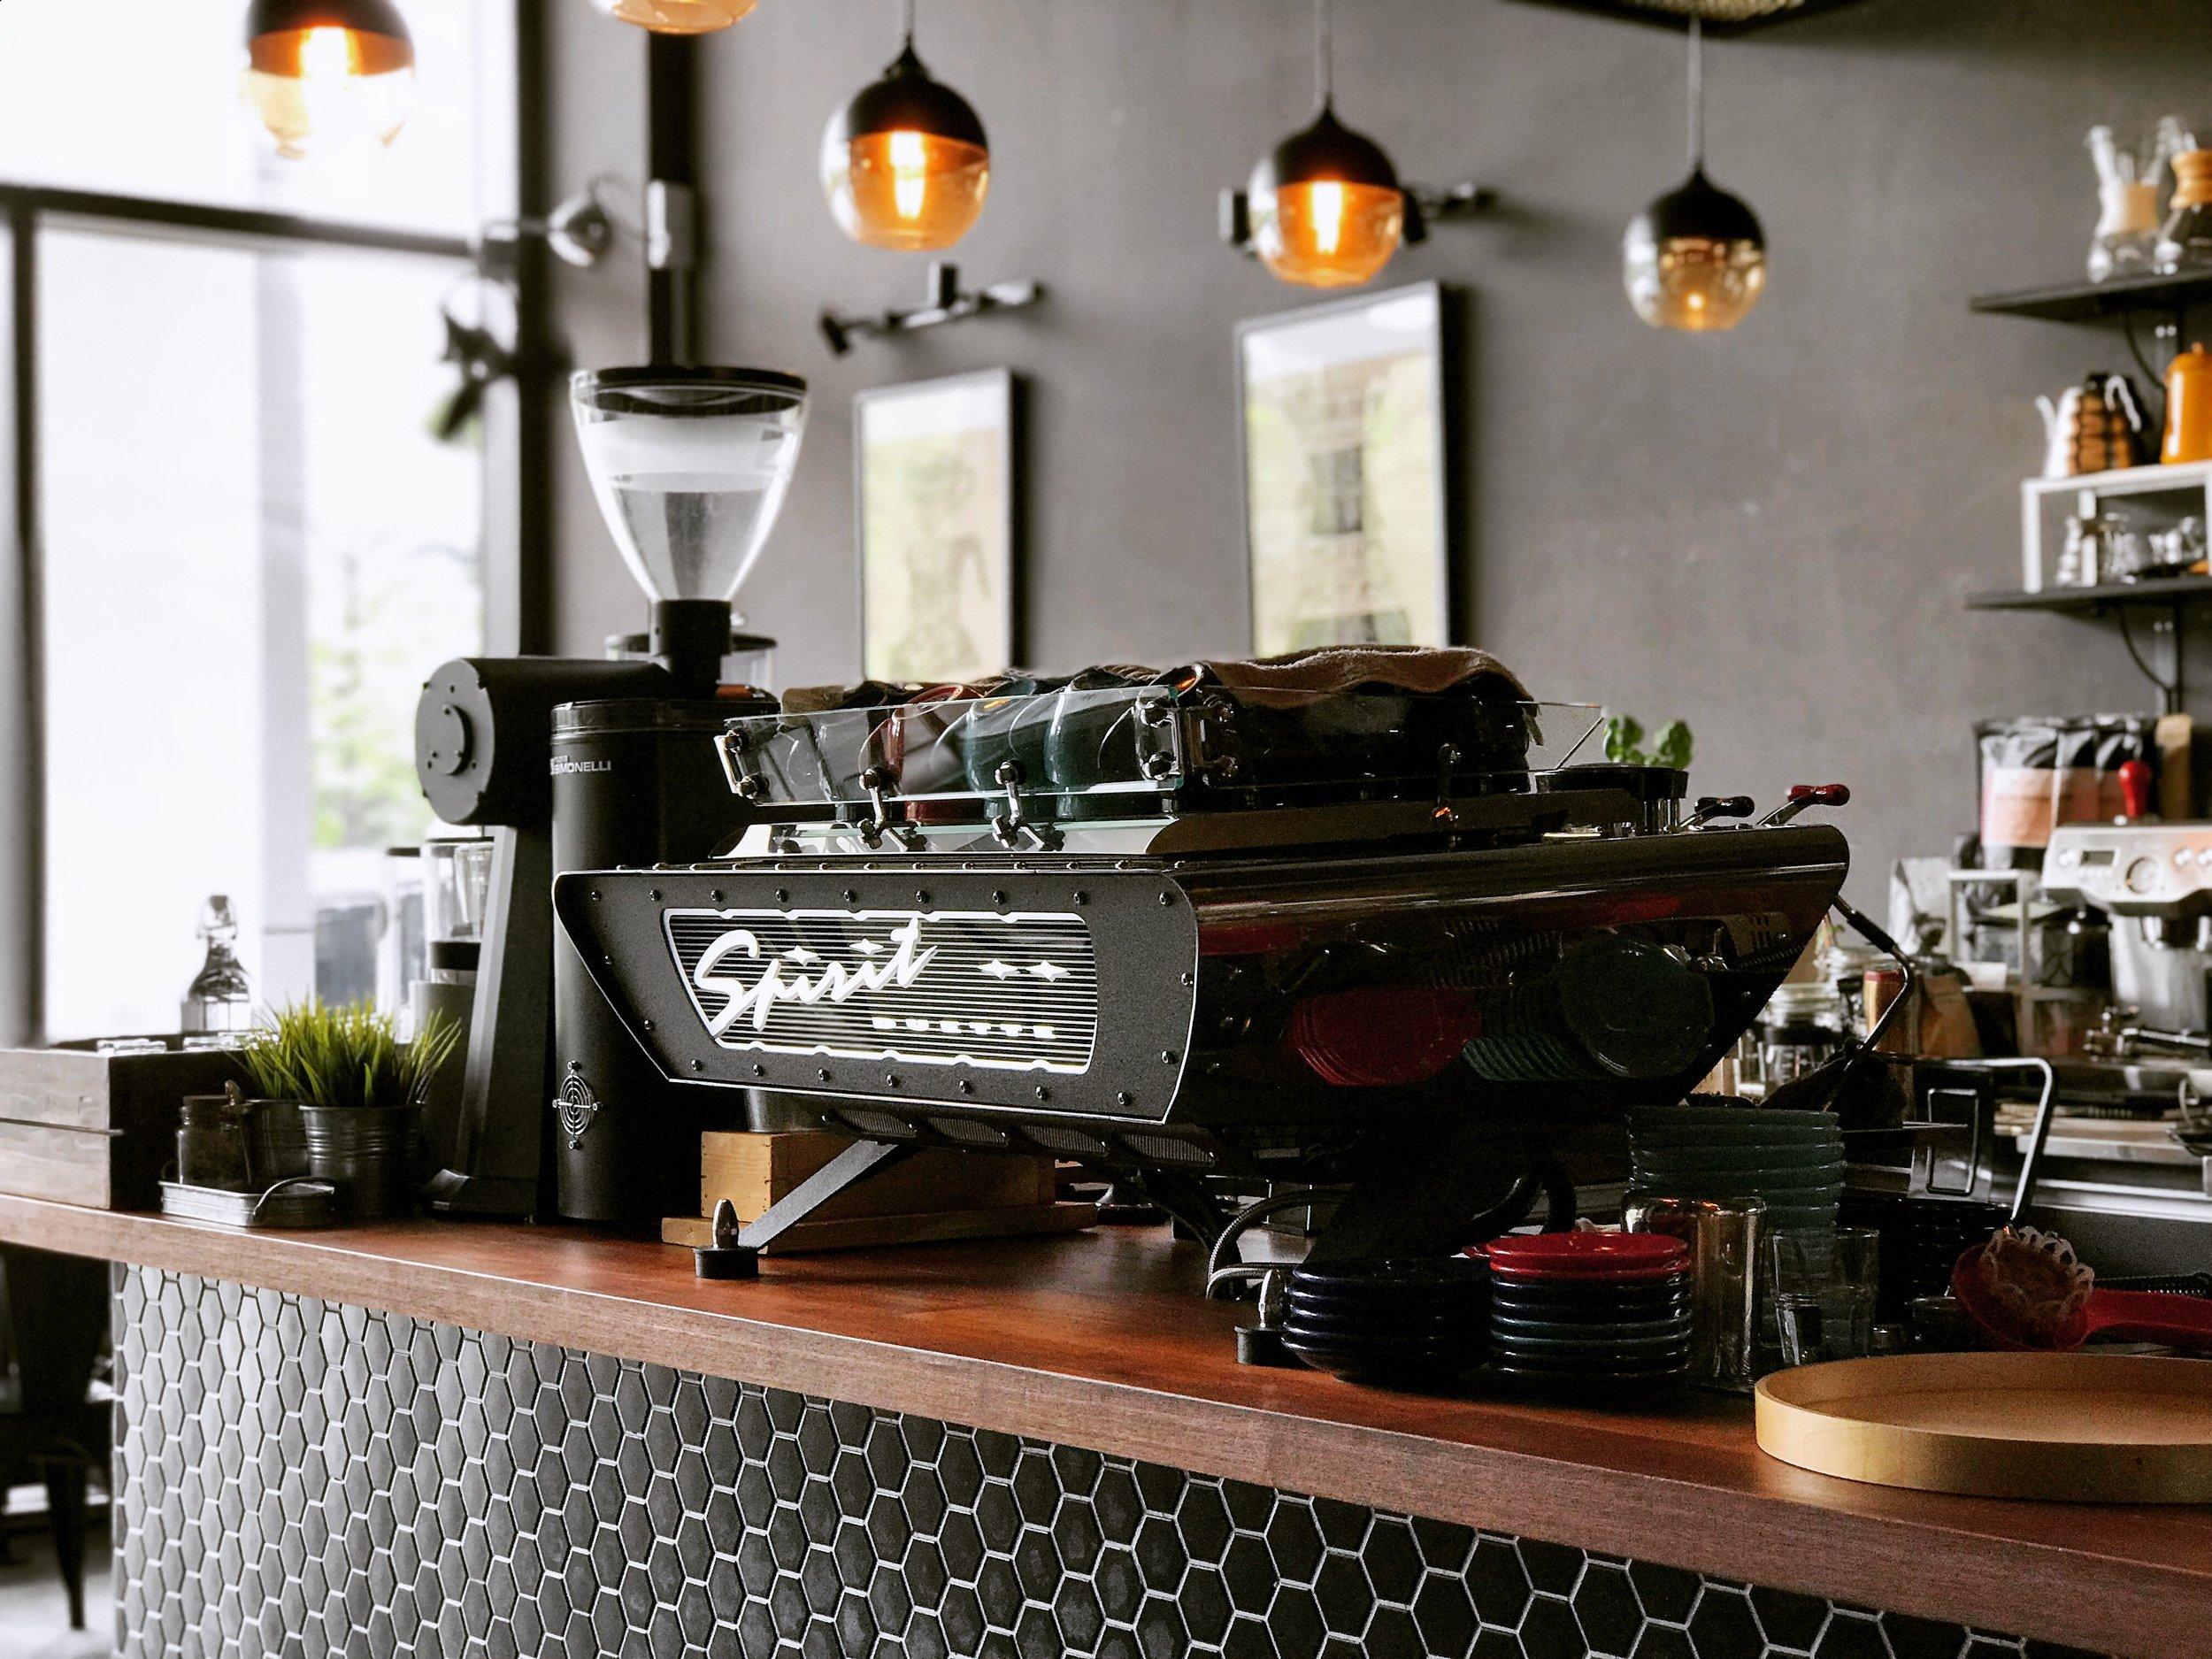 Picture credits to Code:Black Espresso